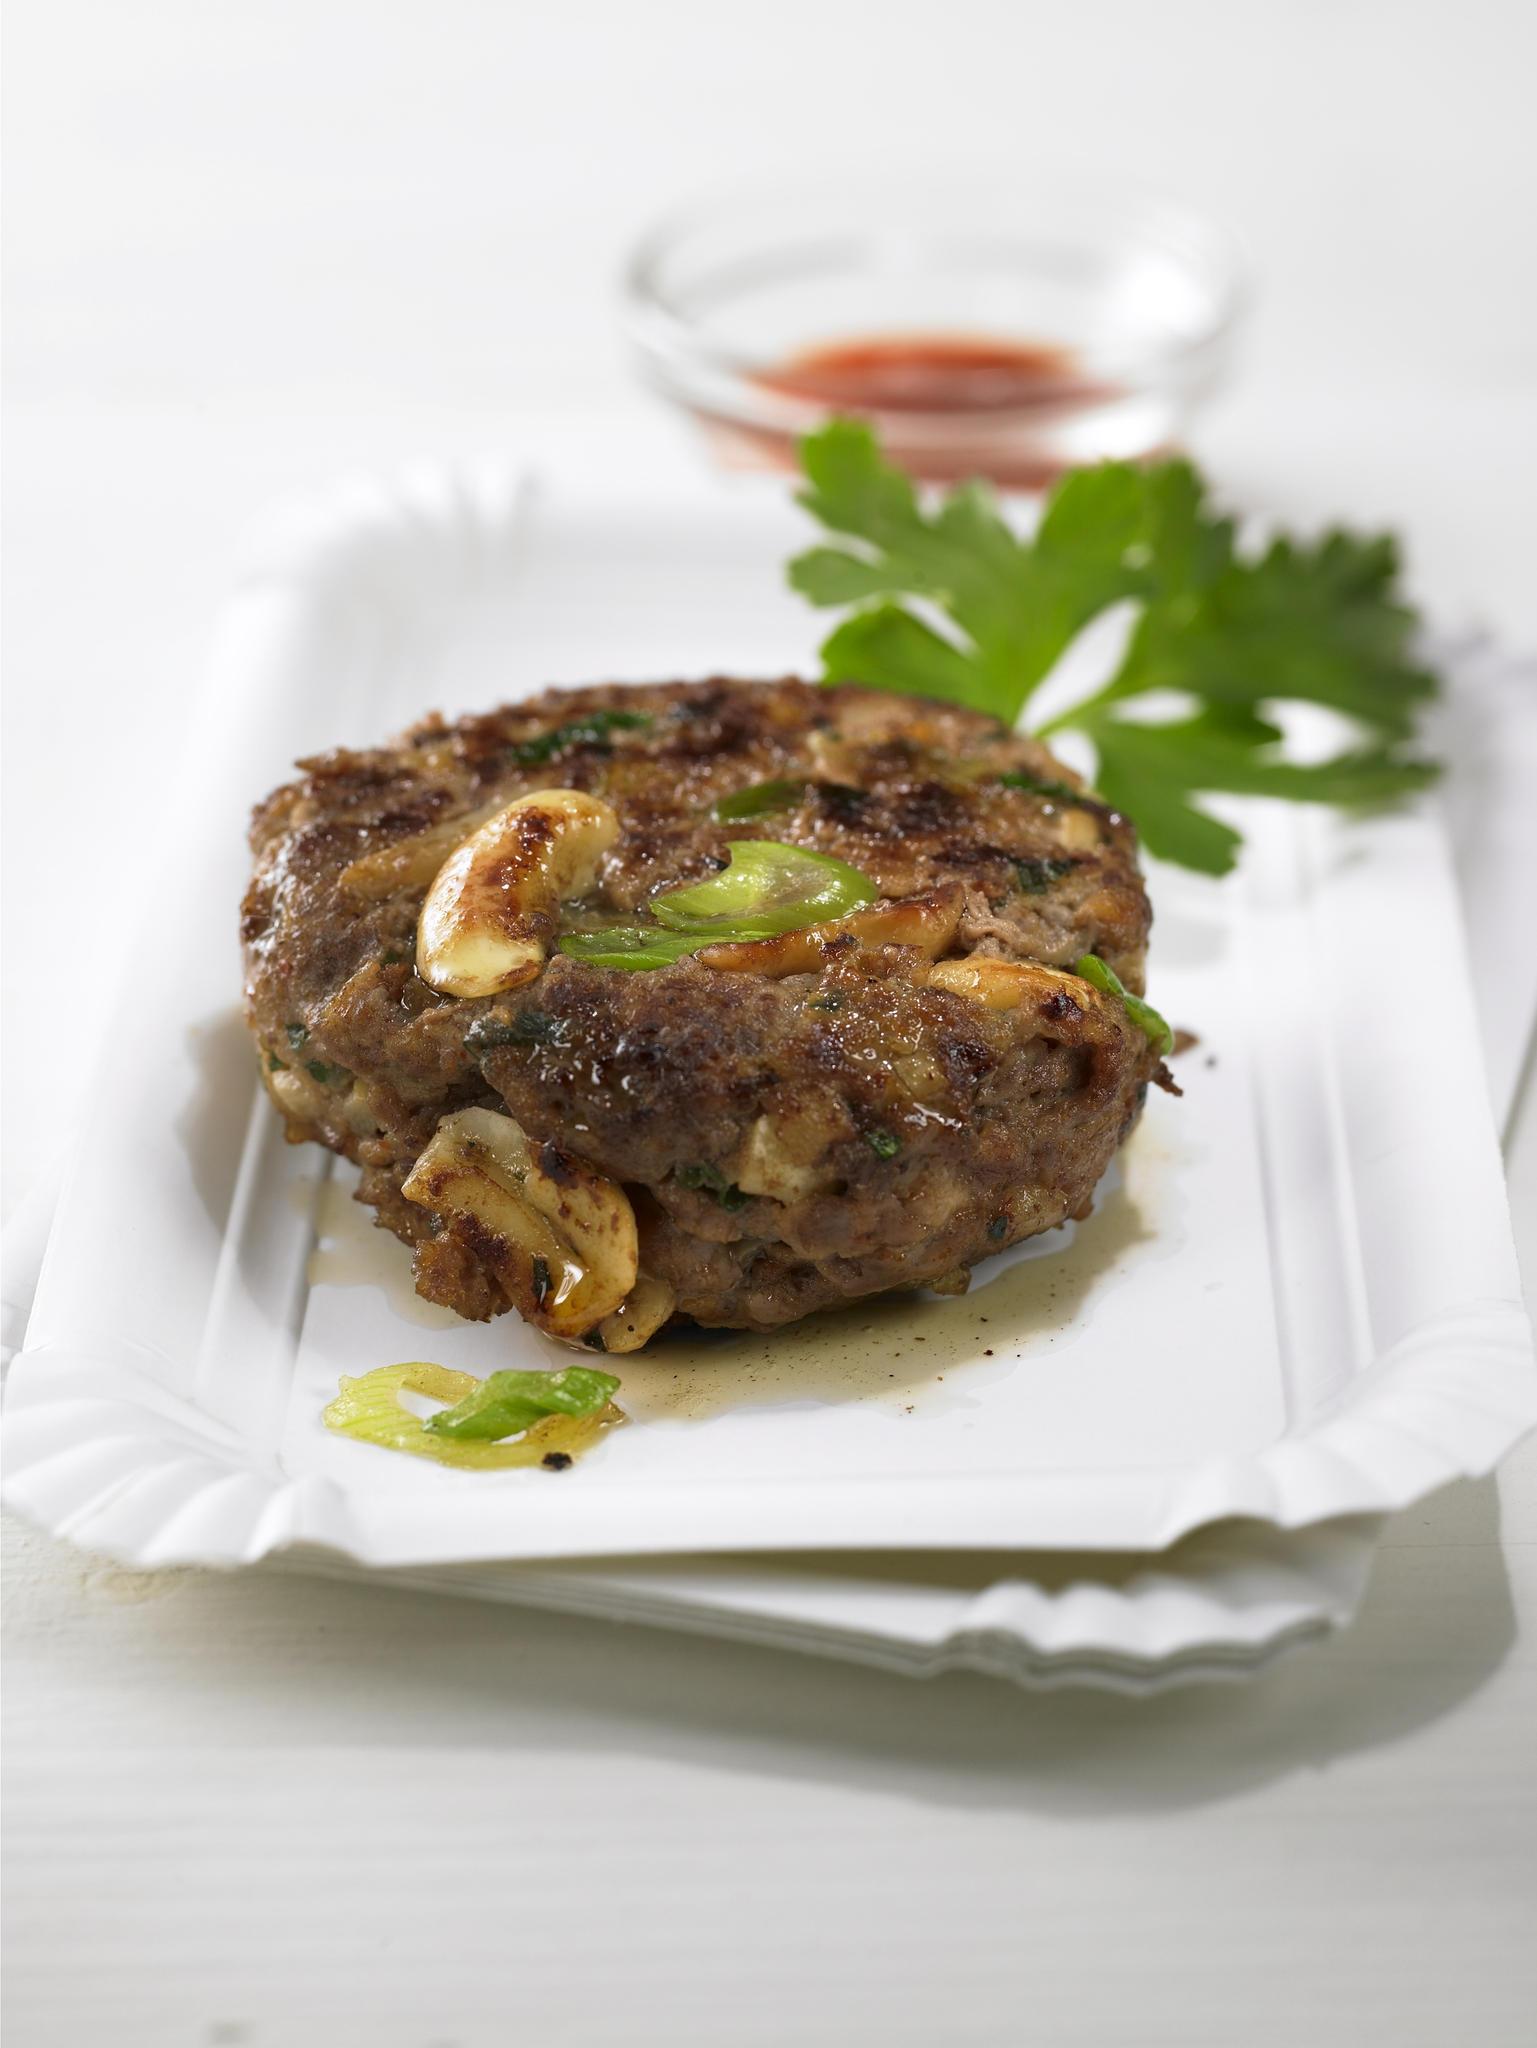 brigitte rezepte asiatisch gesundes essen und rezepte foto blog. Black Bedroom Furniture Sets. Home Design Ideas